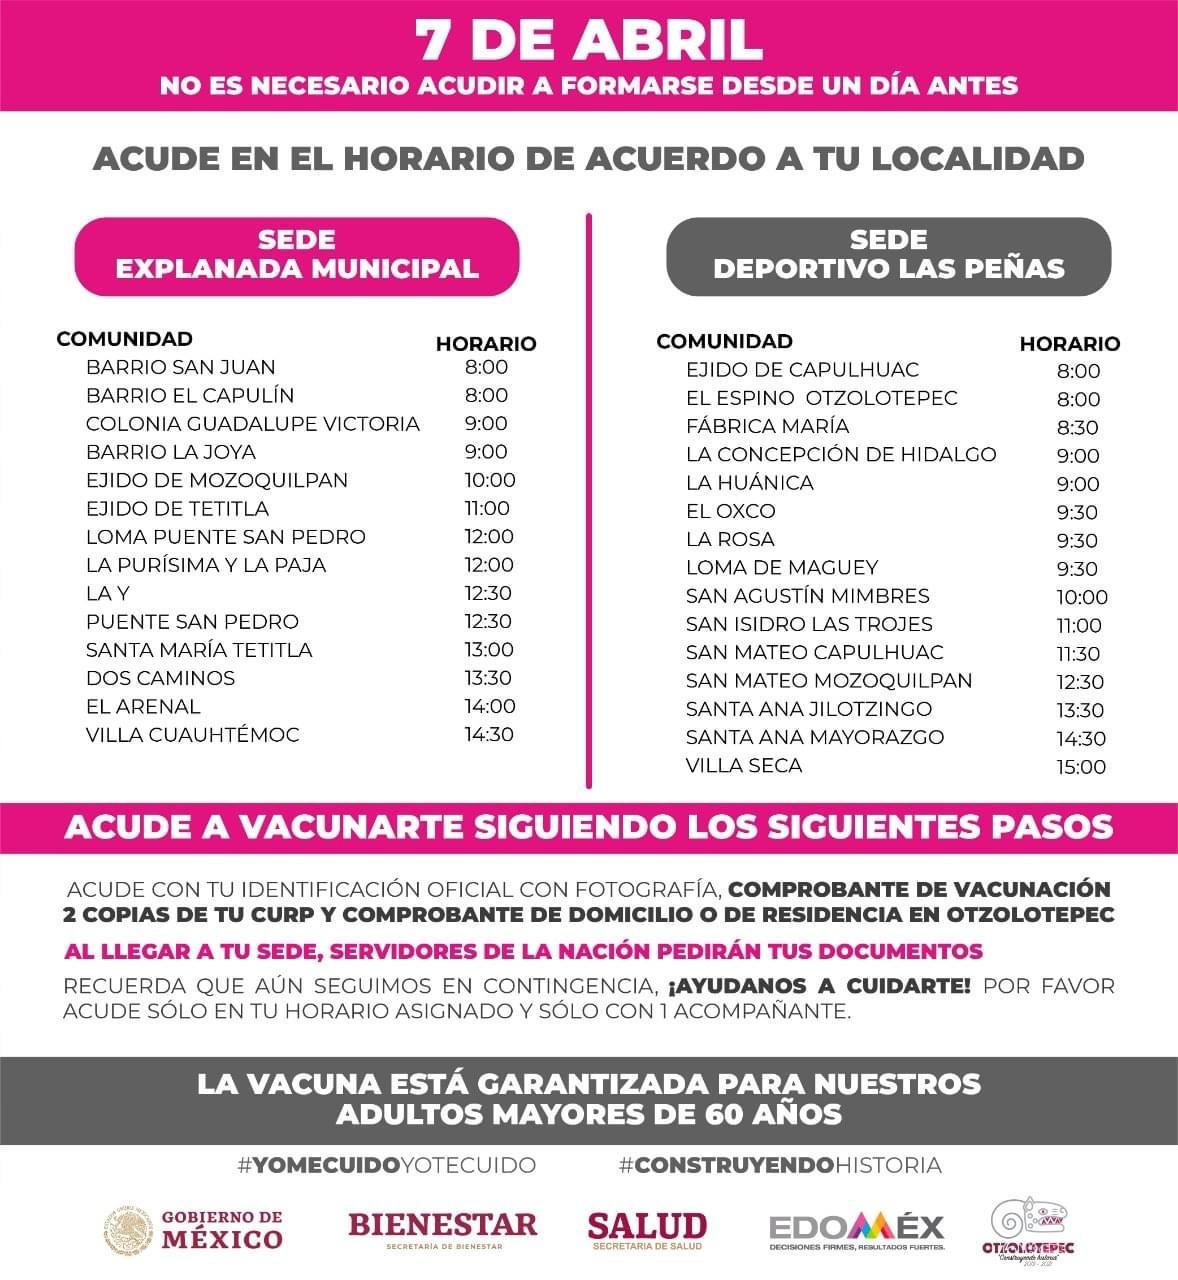 Horarios de la campaña de vacunacion en el municipio mexiquense de otzolotepec